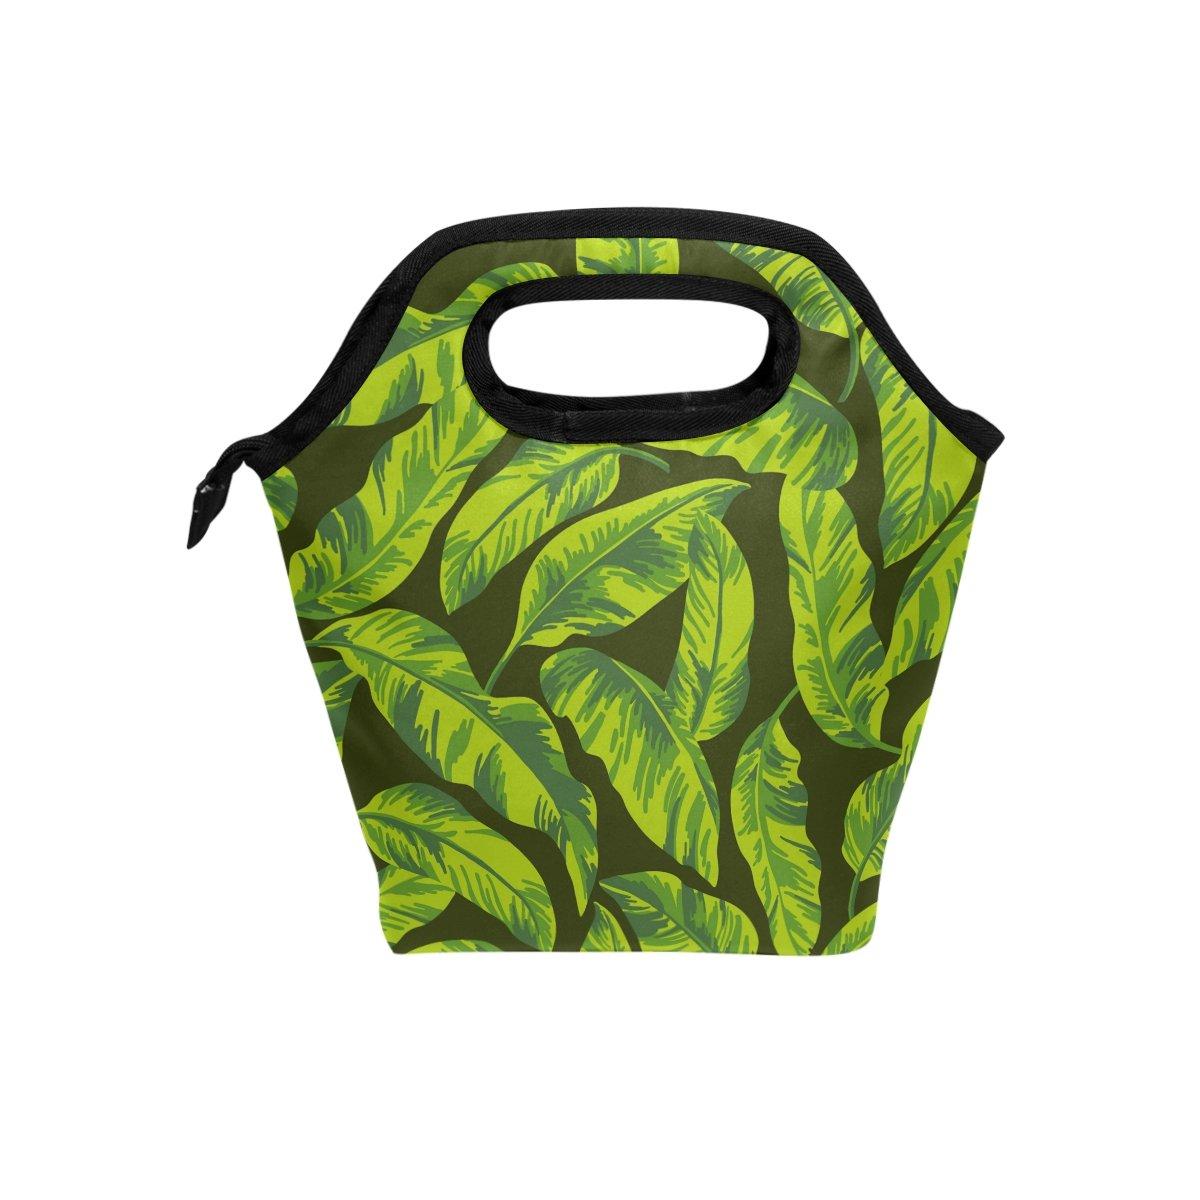 JSTEL - Bolsa de almuerzo con diseño de hojas tropicales, bolsa para el almuerzo, contenedor de alimentos, para viajes, picnic, escuela, oficina